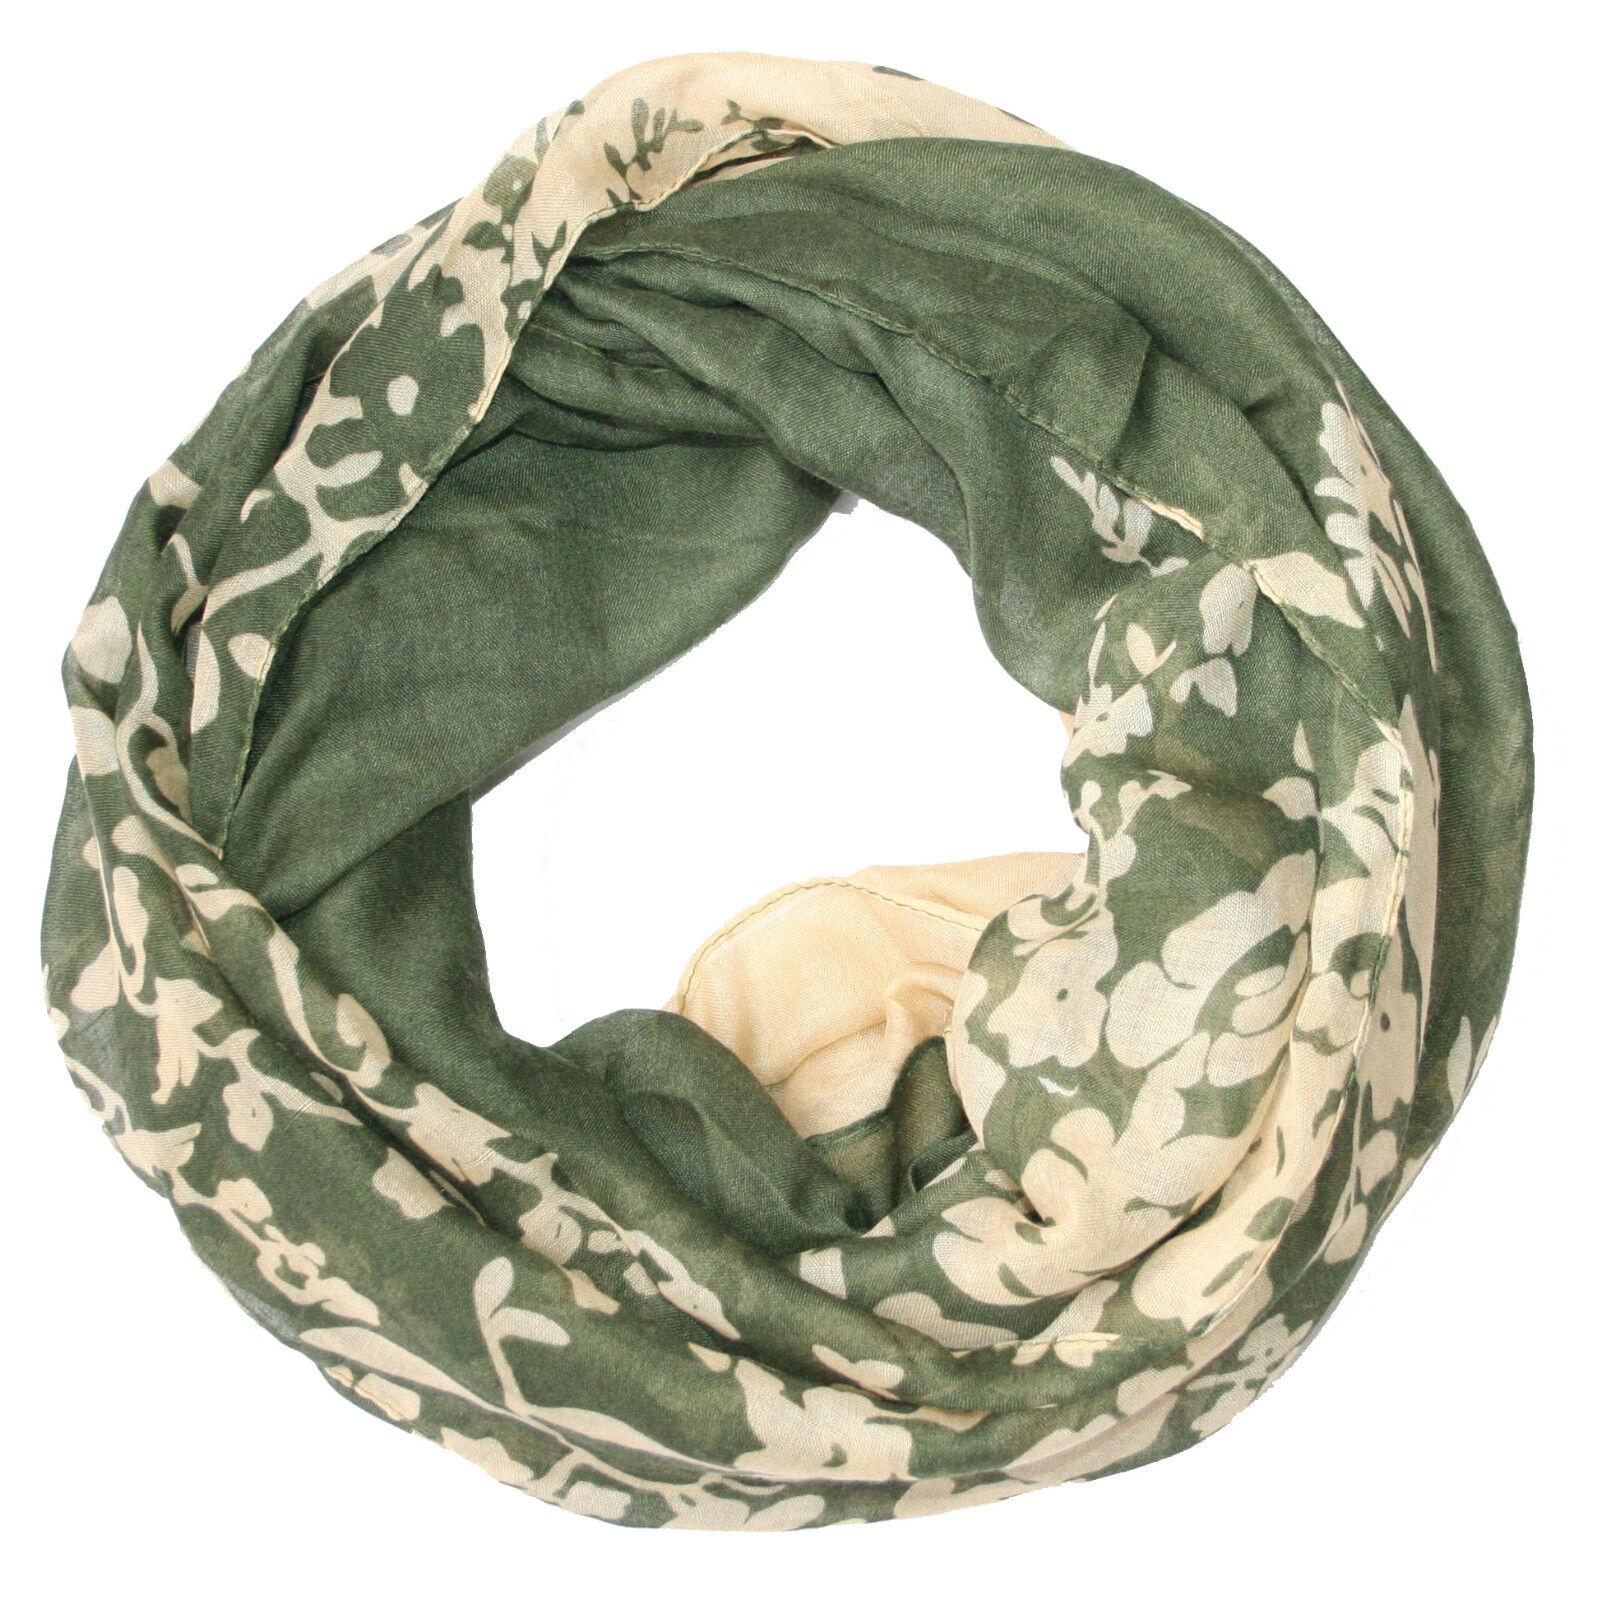 Damen Blumen Loopschal olive creme grün Schlauchschal Loop Schal